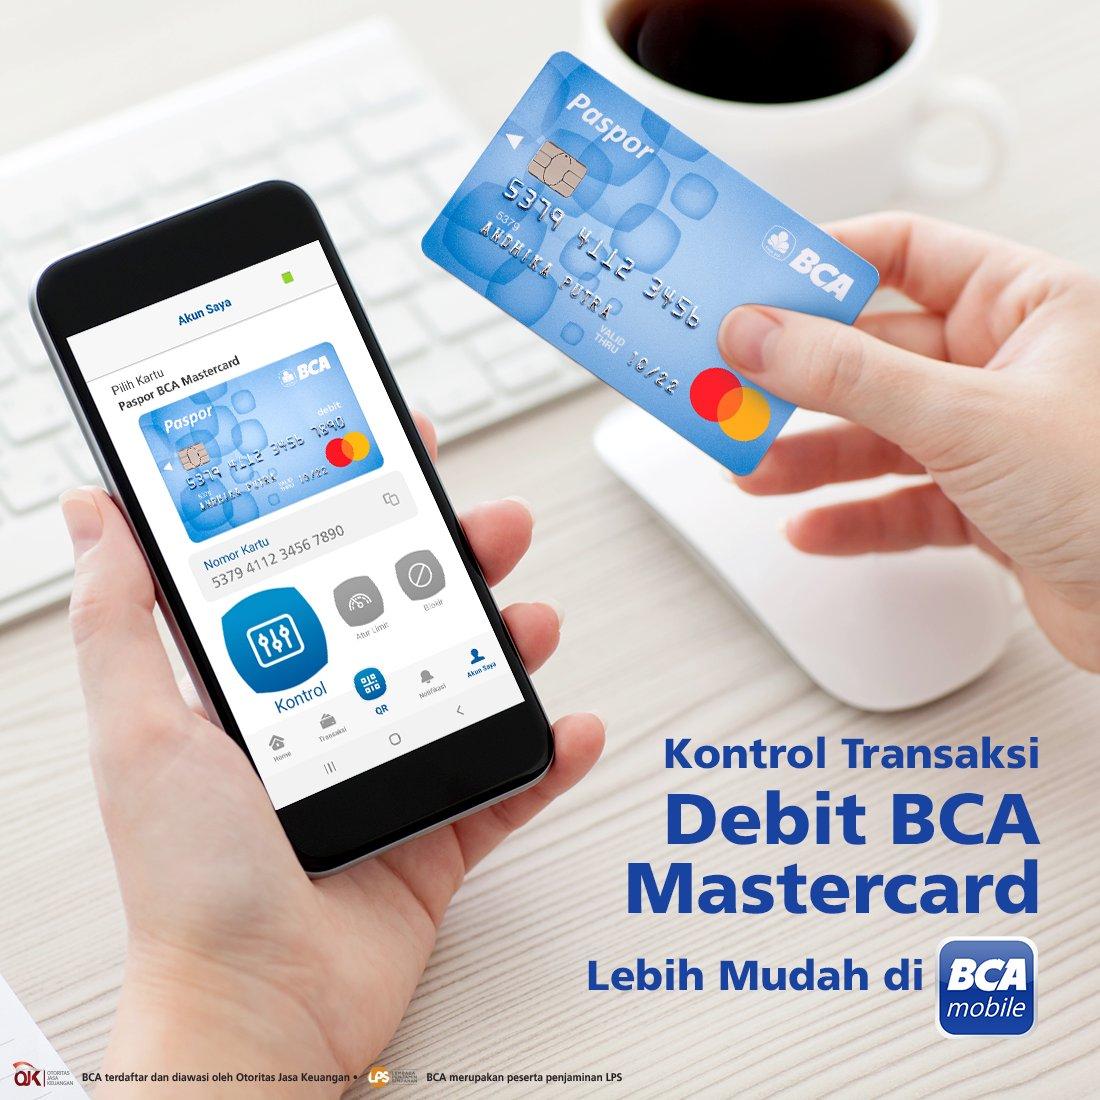 Bayar belanjaan di e-commerce dan berbagai transaksi online lainnya jadi lebih nyaman karena bisa kontrol transaksi Debit BCA Mastercard melalui BCA mobile. Anda bisa atur limit transaksi dan blokir kartu dengan cara mudah. Info detail: https://t.co/pXgnHePd4P https://t.co/imItBQqeNy